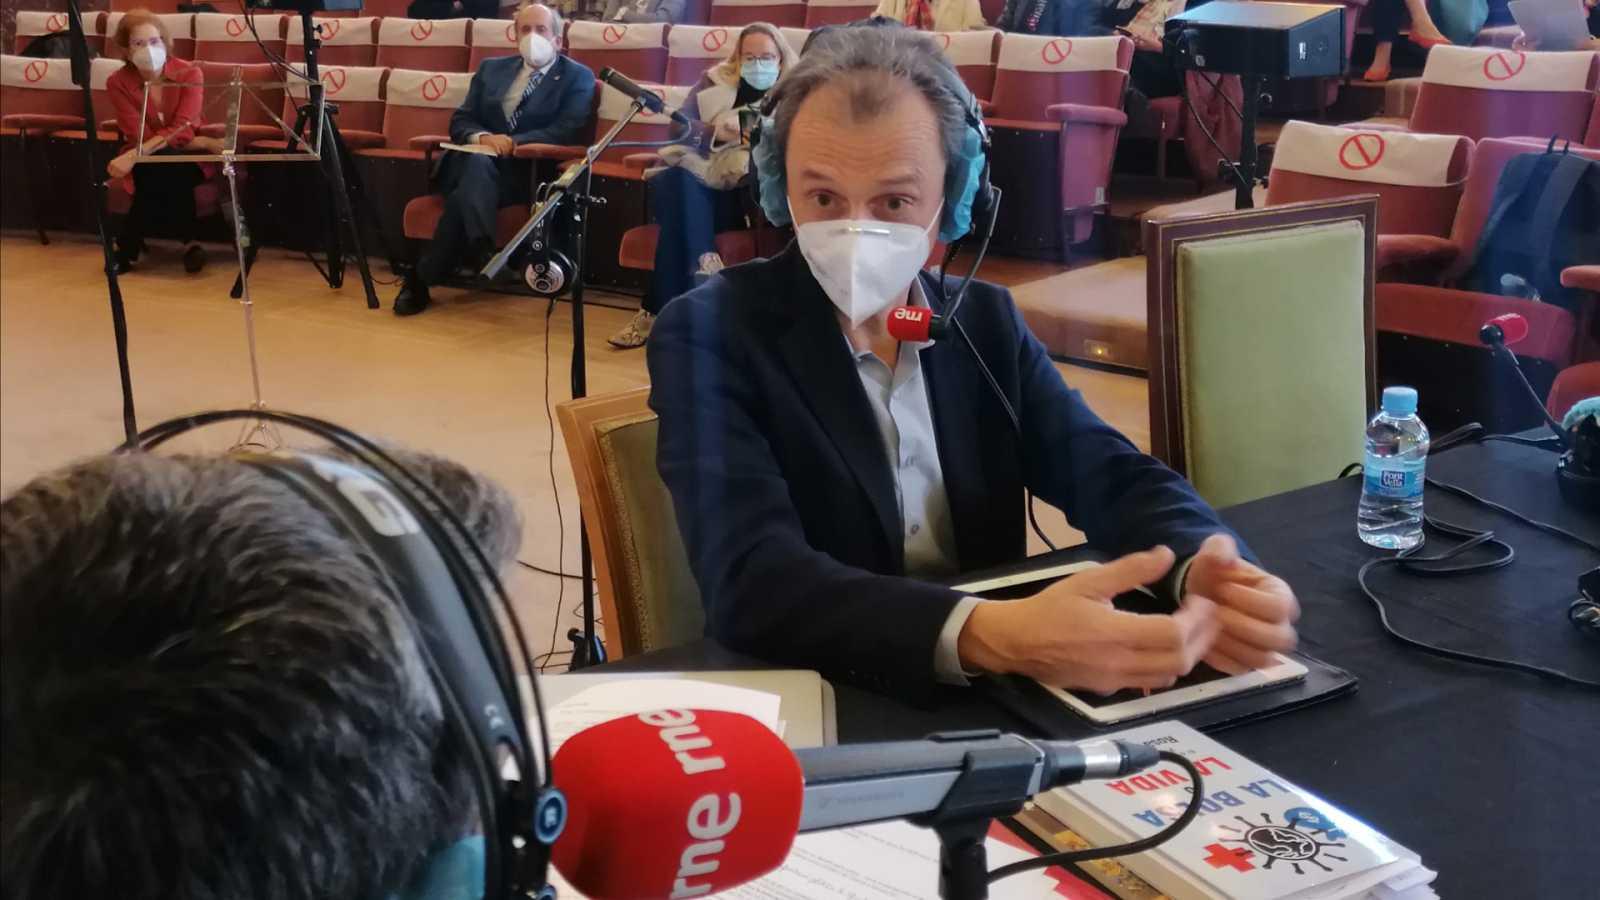 """No es un día cualquiera - Pedro Duque: """"El único activo de un país es el conocimiento"""" - Mano a mano - 14/03/2021 - Escuchar ahora"""